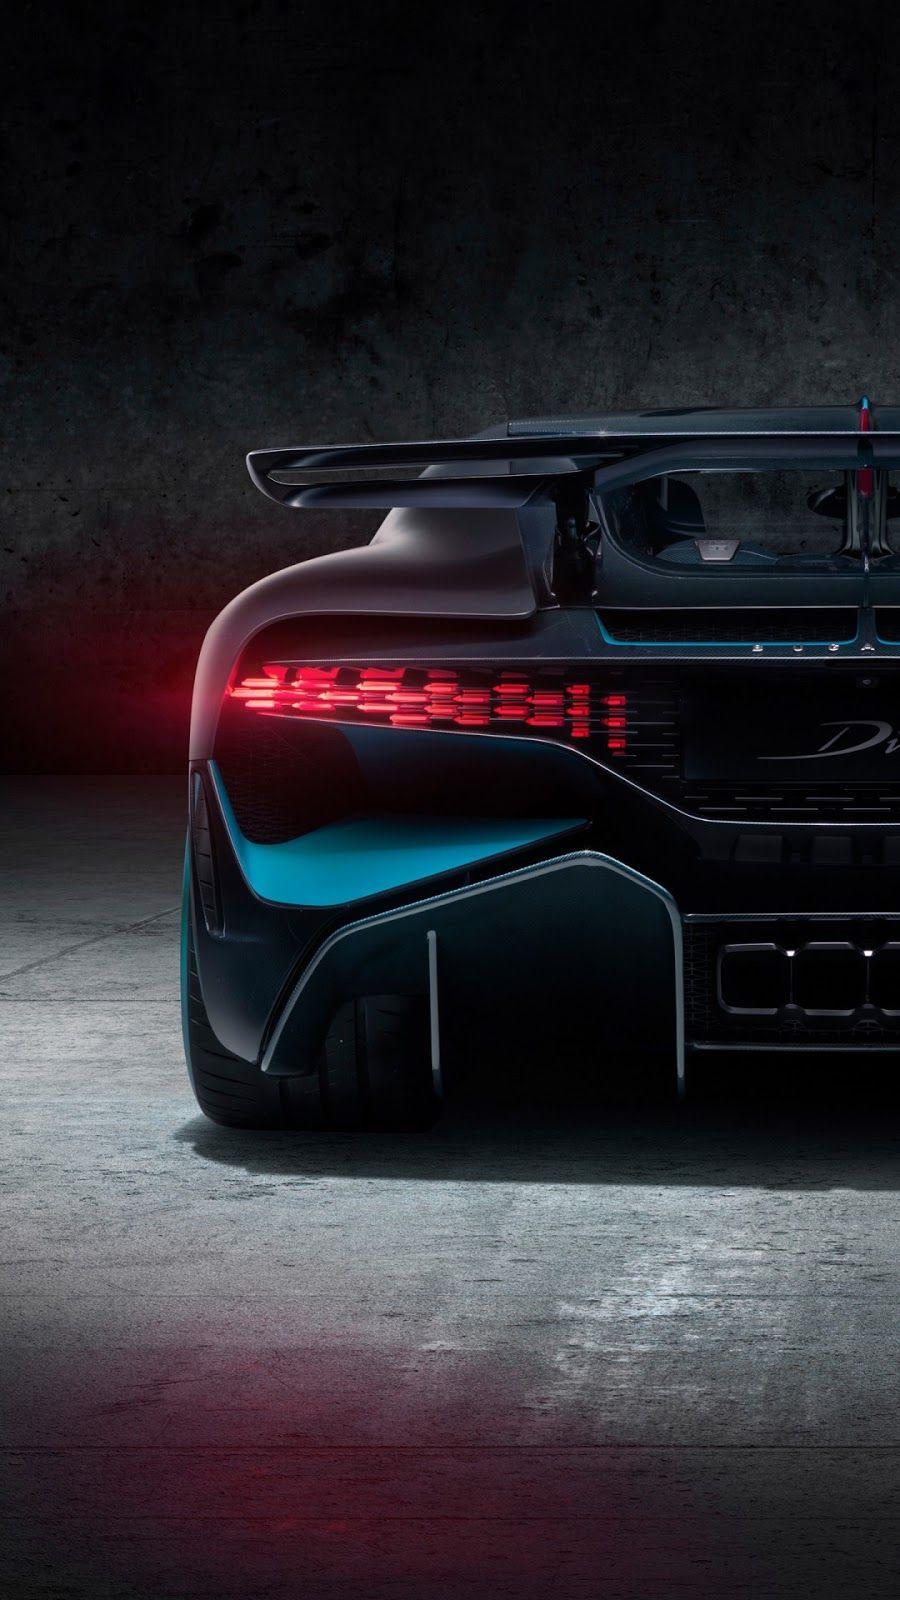 2019 Carro De Velocidade Bugatti Divo Com Imagens Bugatti